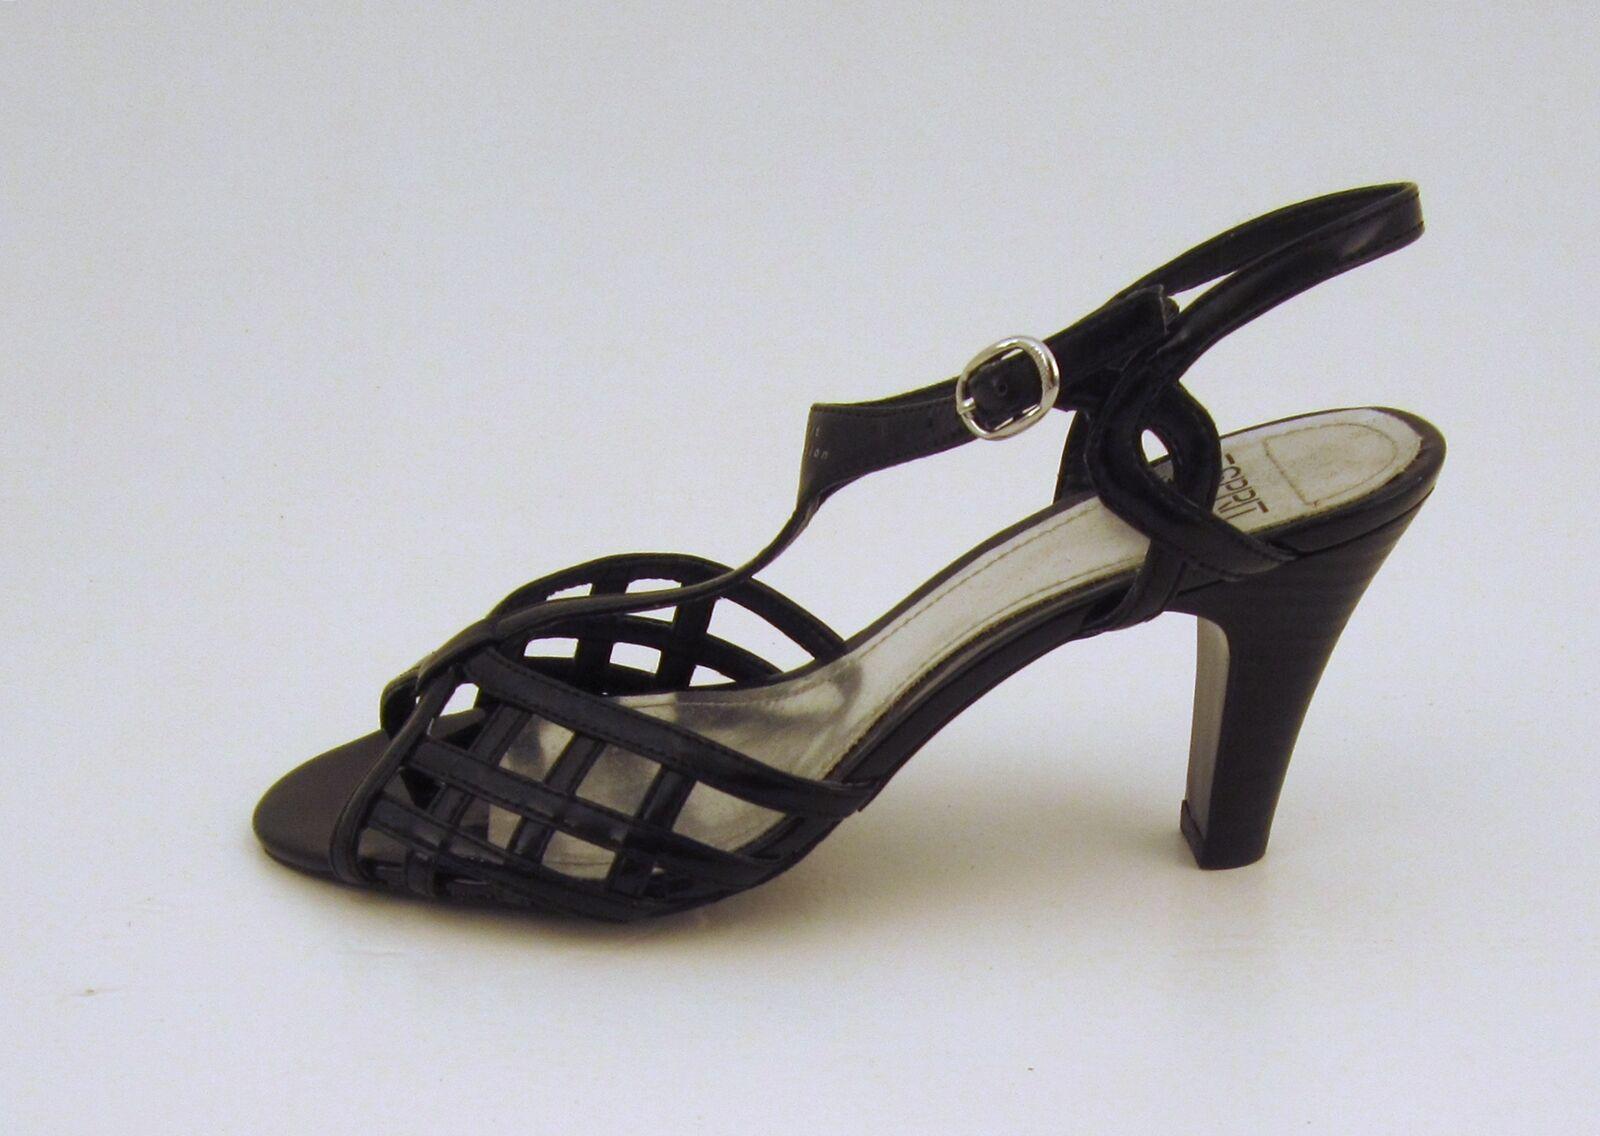 Sandali di Esprit in finta pelle rhiemchenverschlu? T-STEG Nero Taglia 36/uk 3